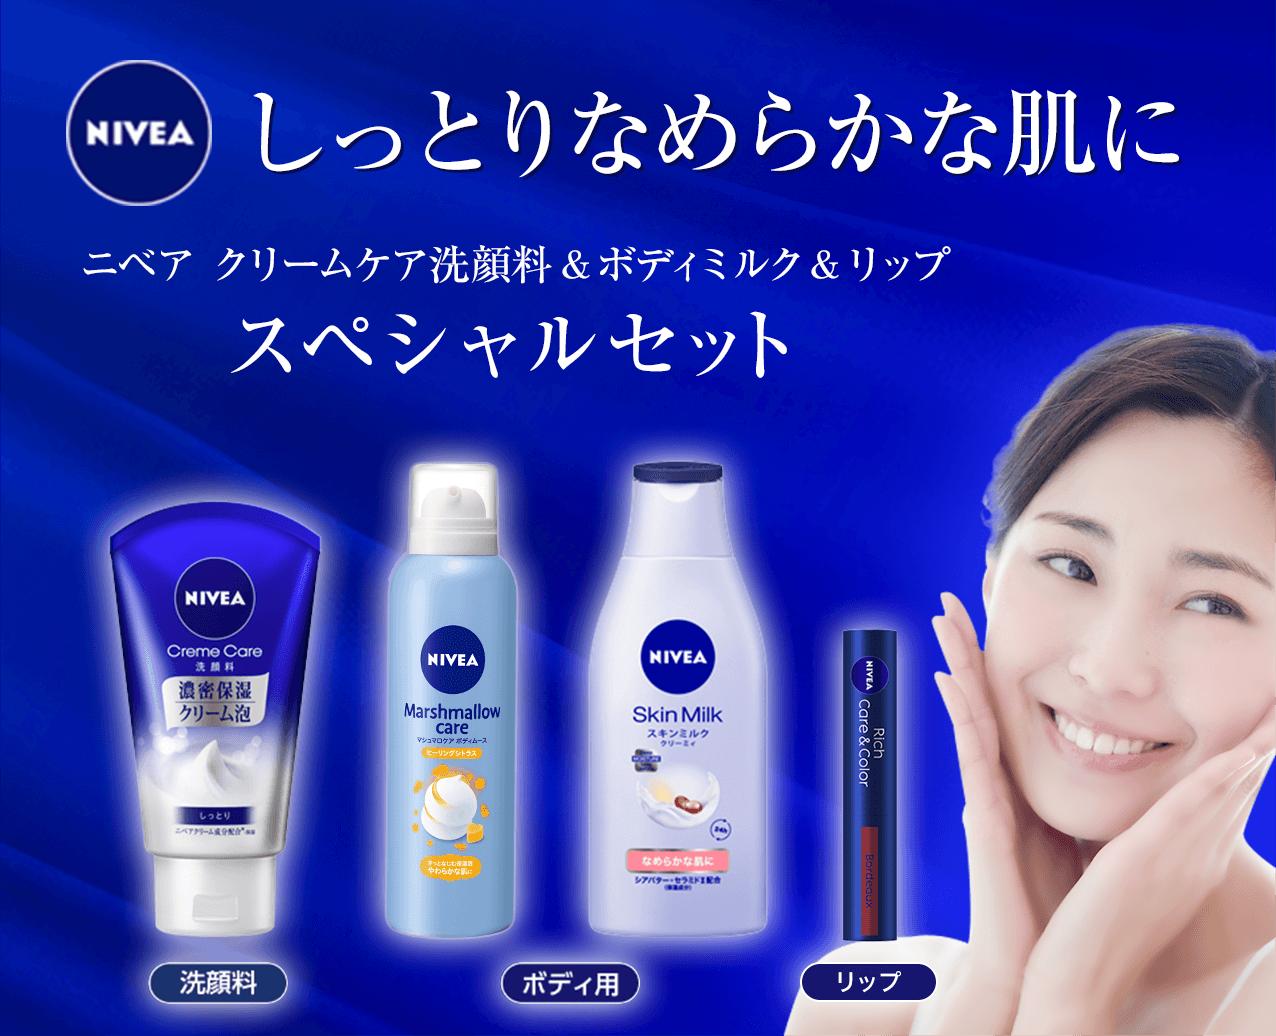 しっとりなめらかな肌に NIVEA ニベア クリームケア洗顔料&ボディミルク&リップ スペシャルセット